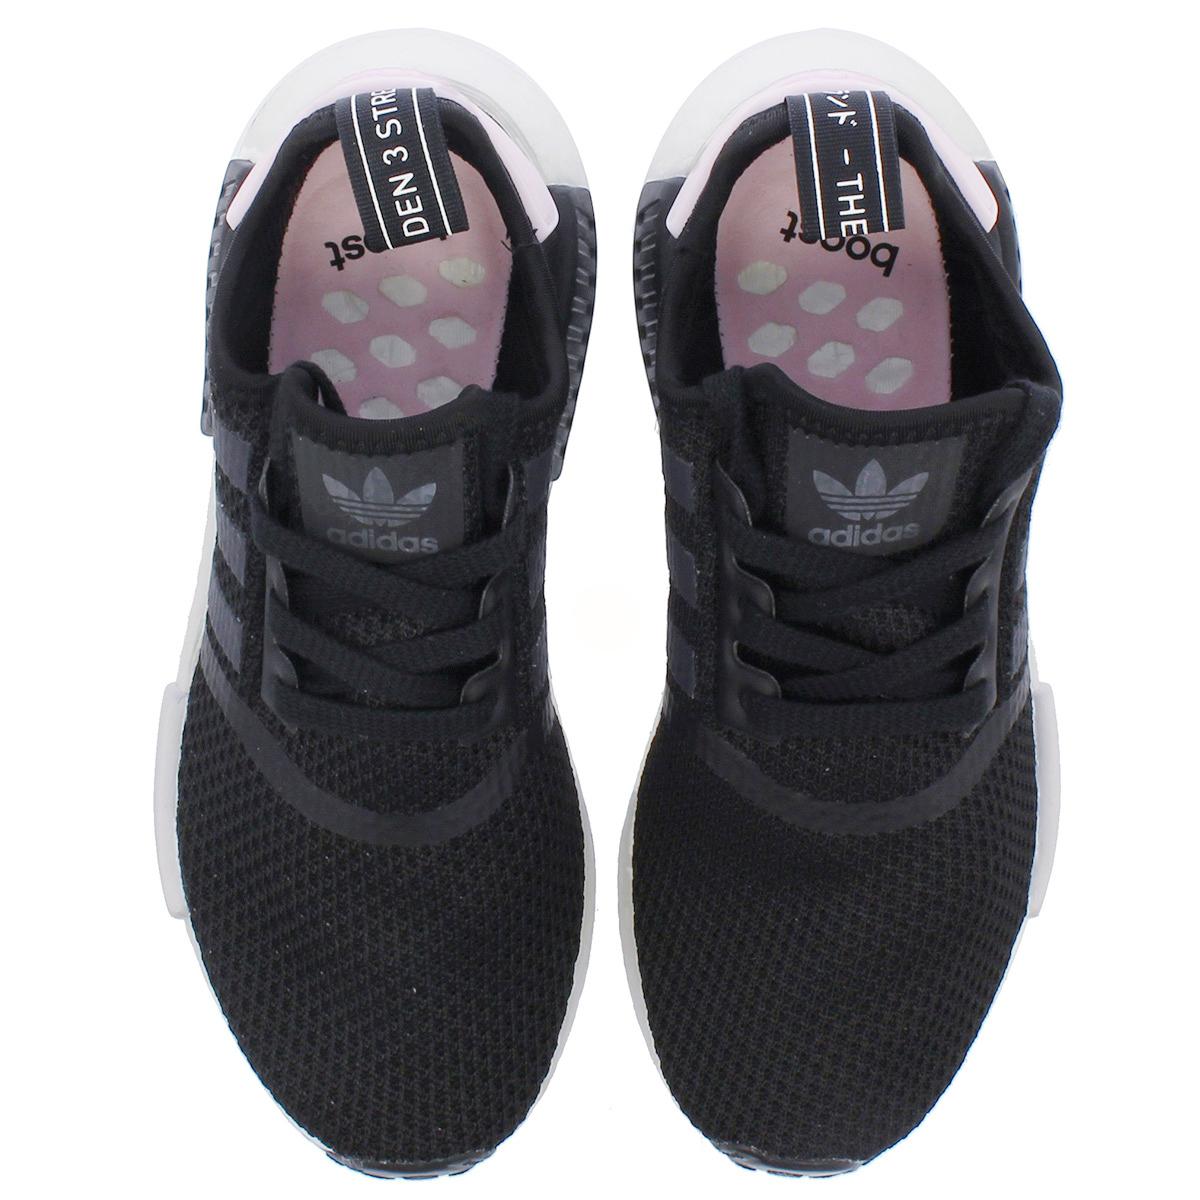 Select Shop Lowtex Adidas Nmd R1 W Adidas Nmd R1 Women